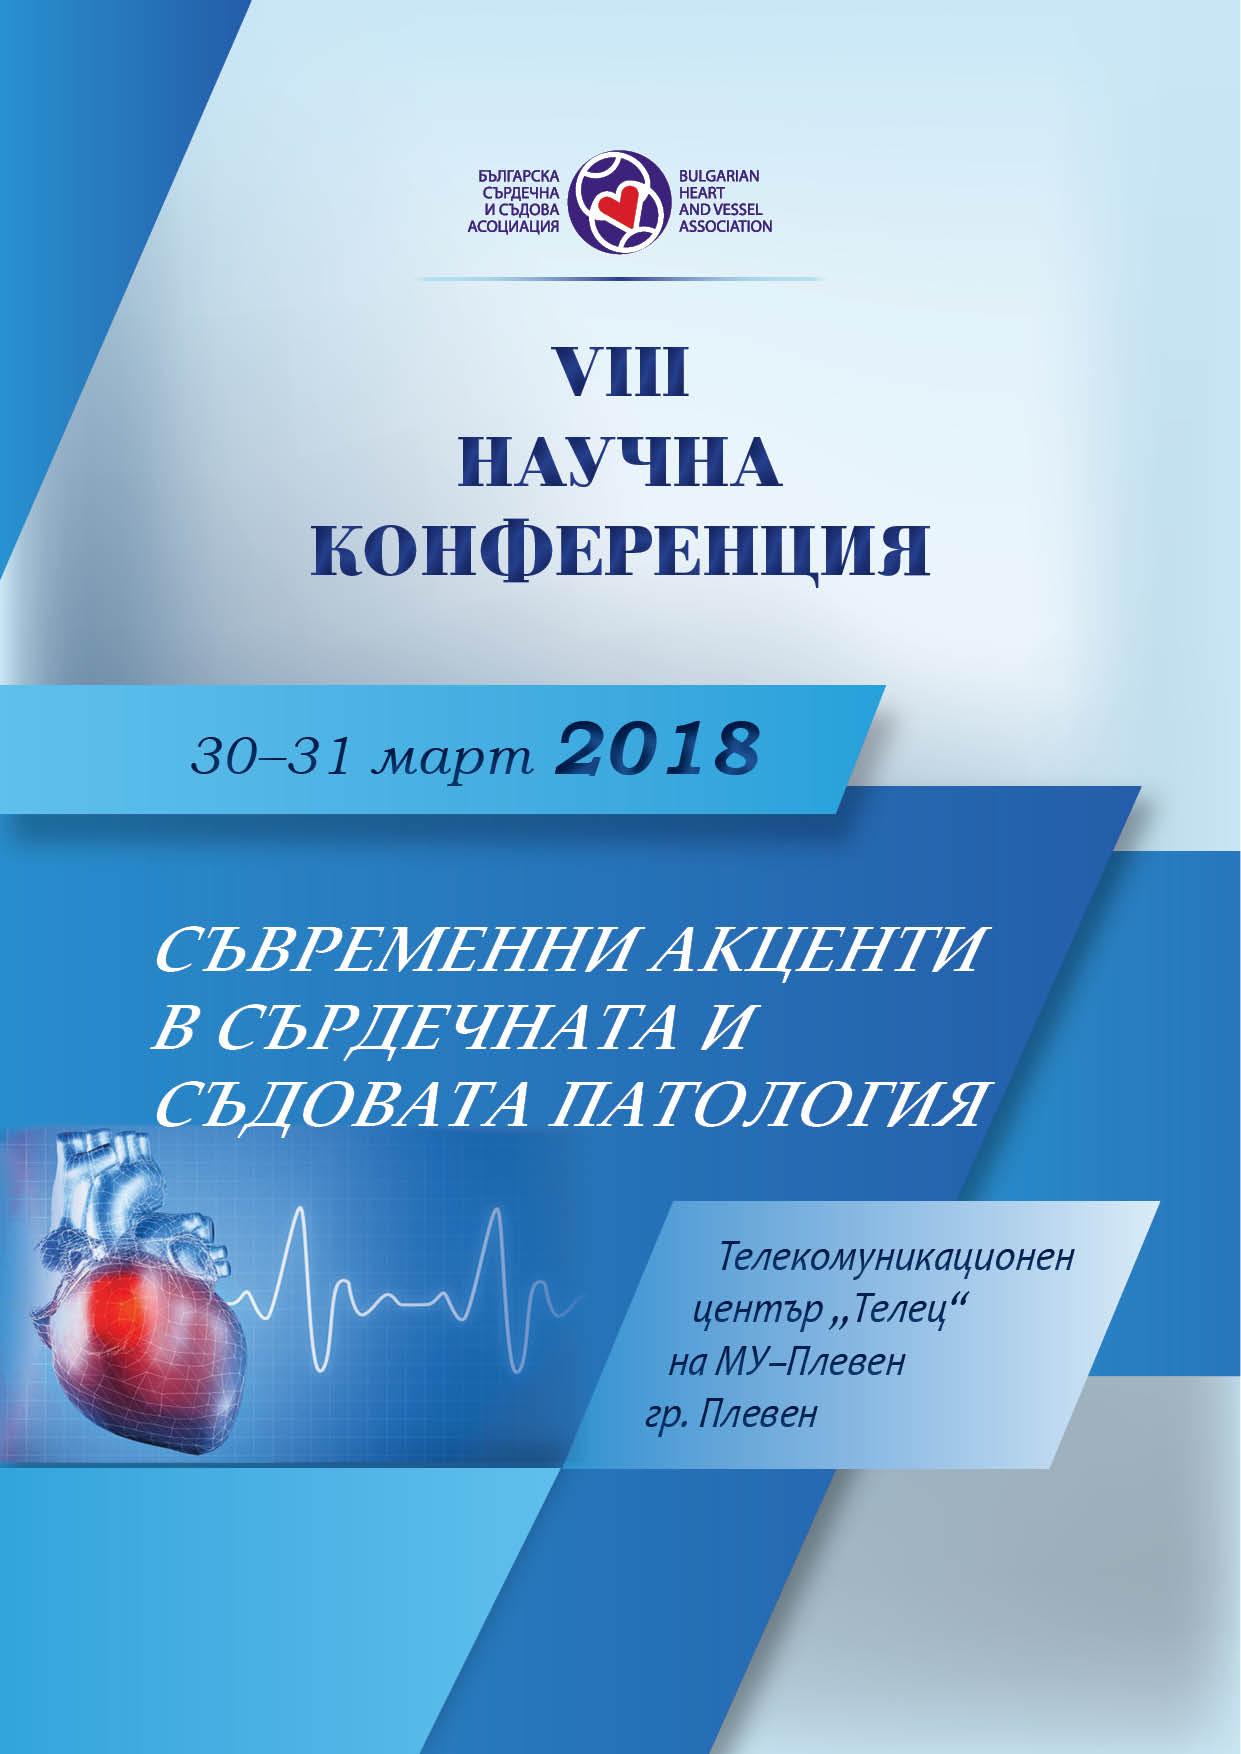 VIII Научна конференция